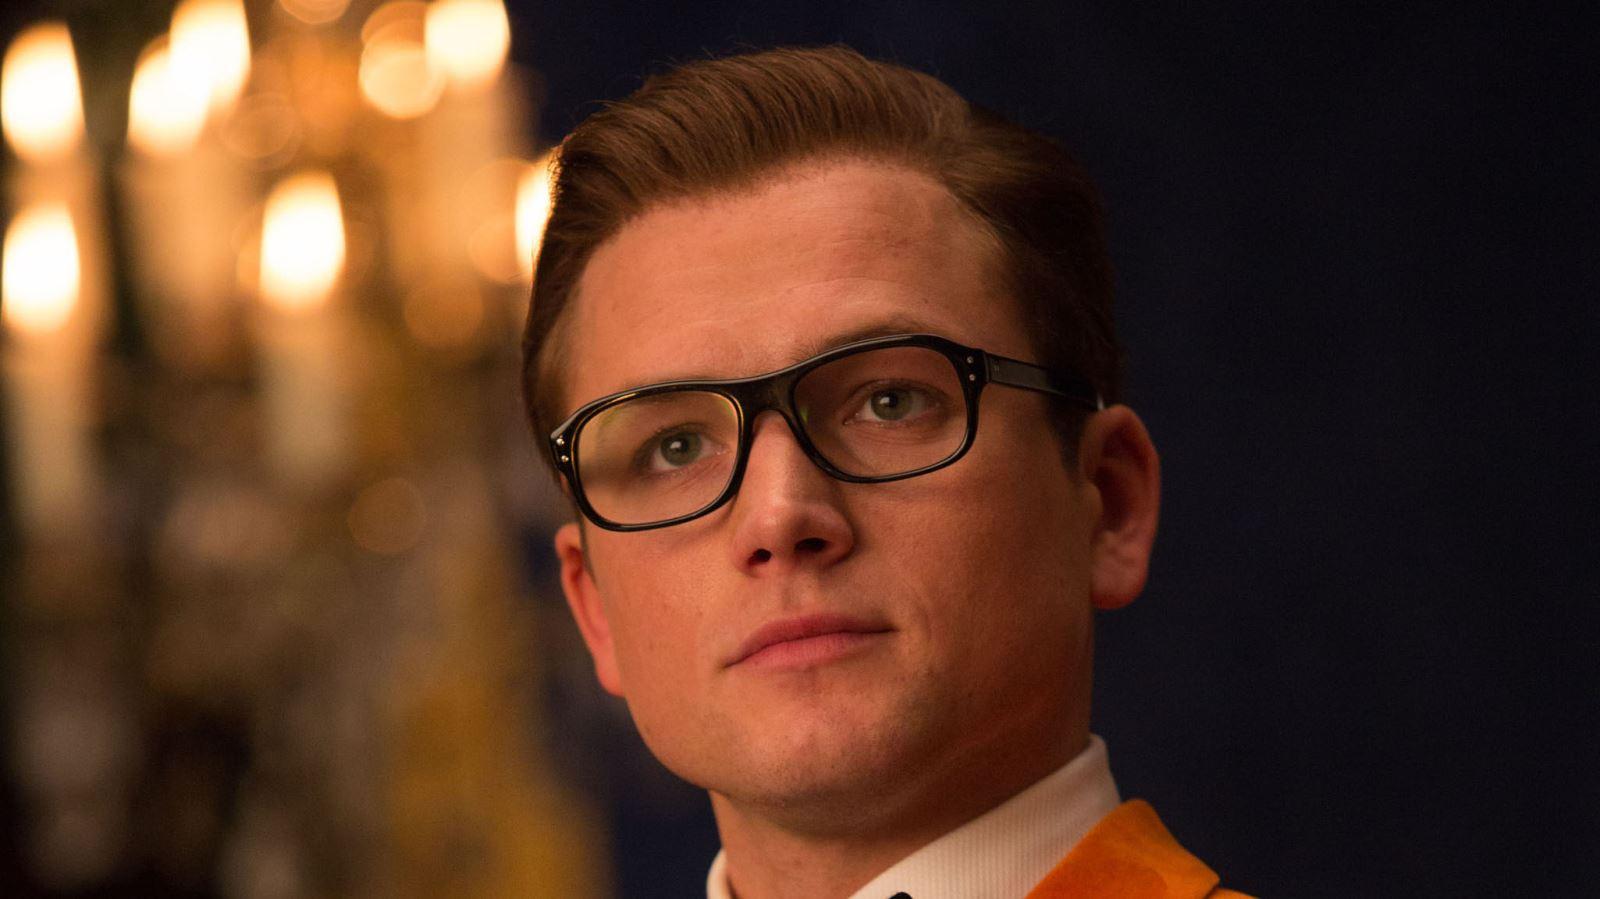 'Kingsman 2' như 'Fast and Furious' và 'James Bond' cộng lại